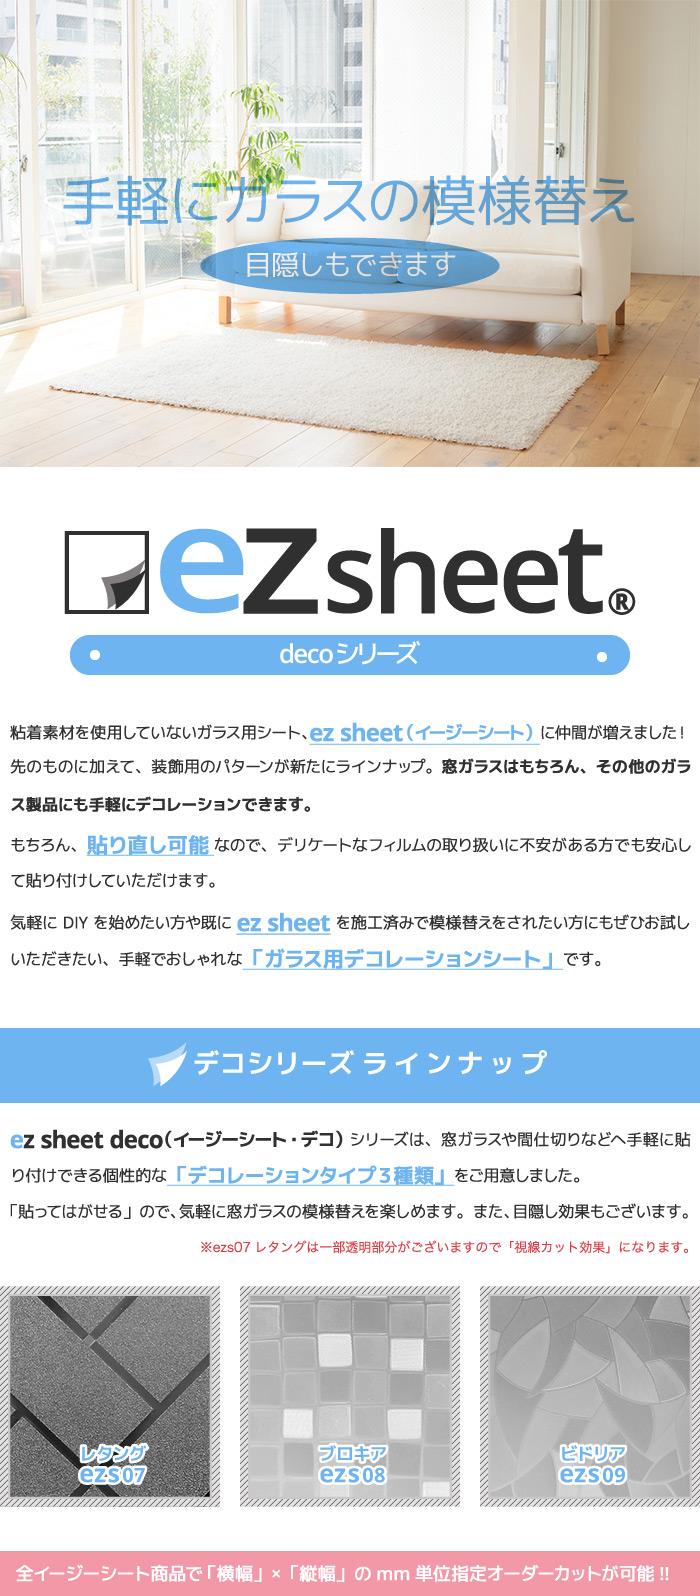 ezsheetデコシリーズのラインナップ